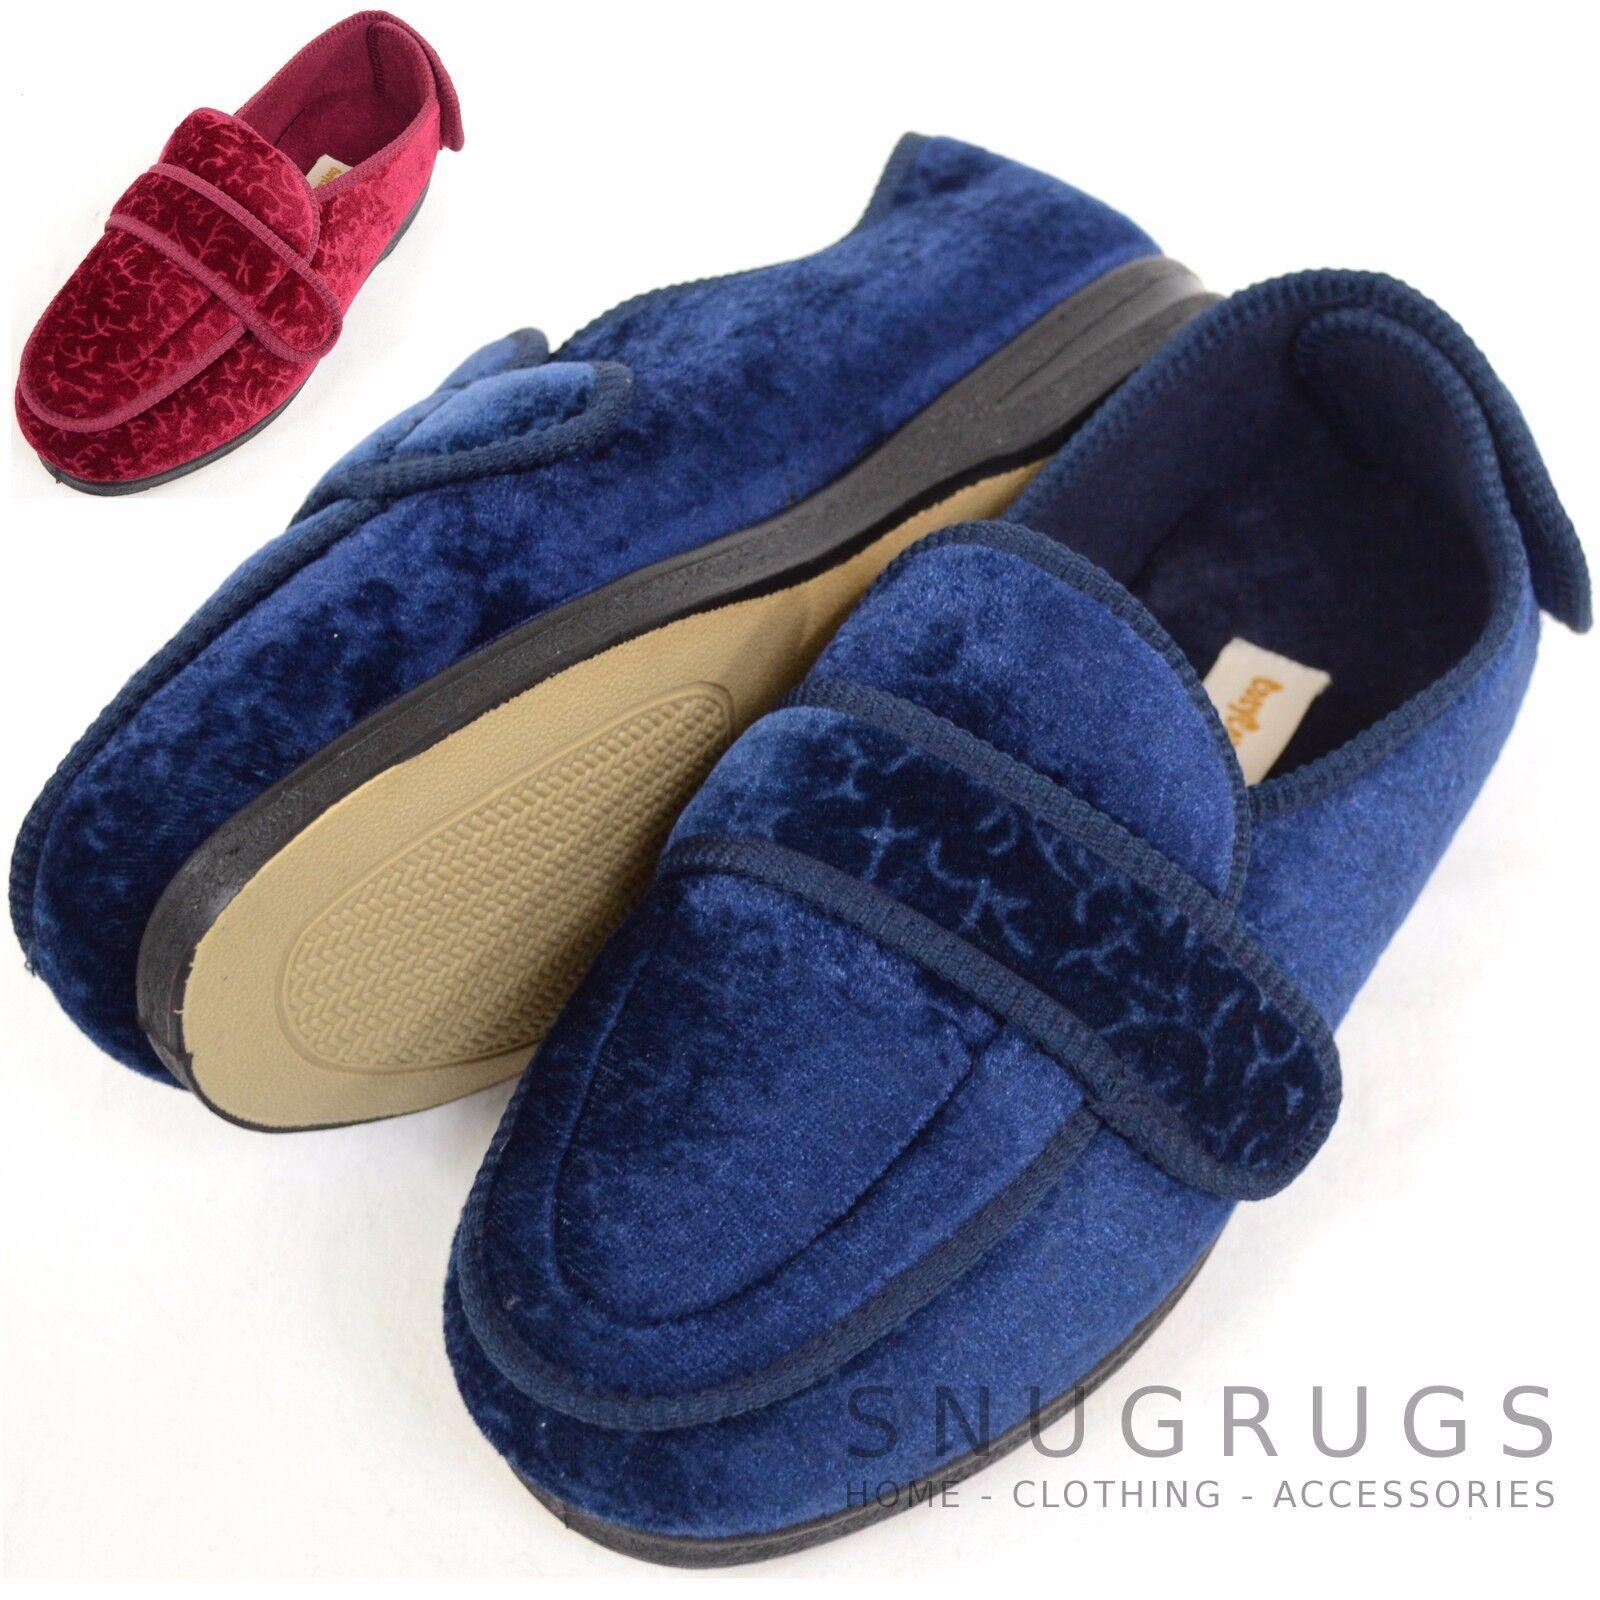 FEMMES / coupe FEMMES orthopédique / Eee coupe / large Chaussons bottines/pantoufles de14e1